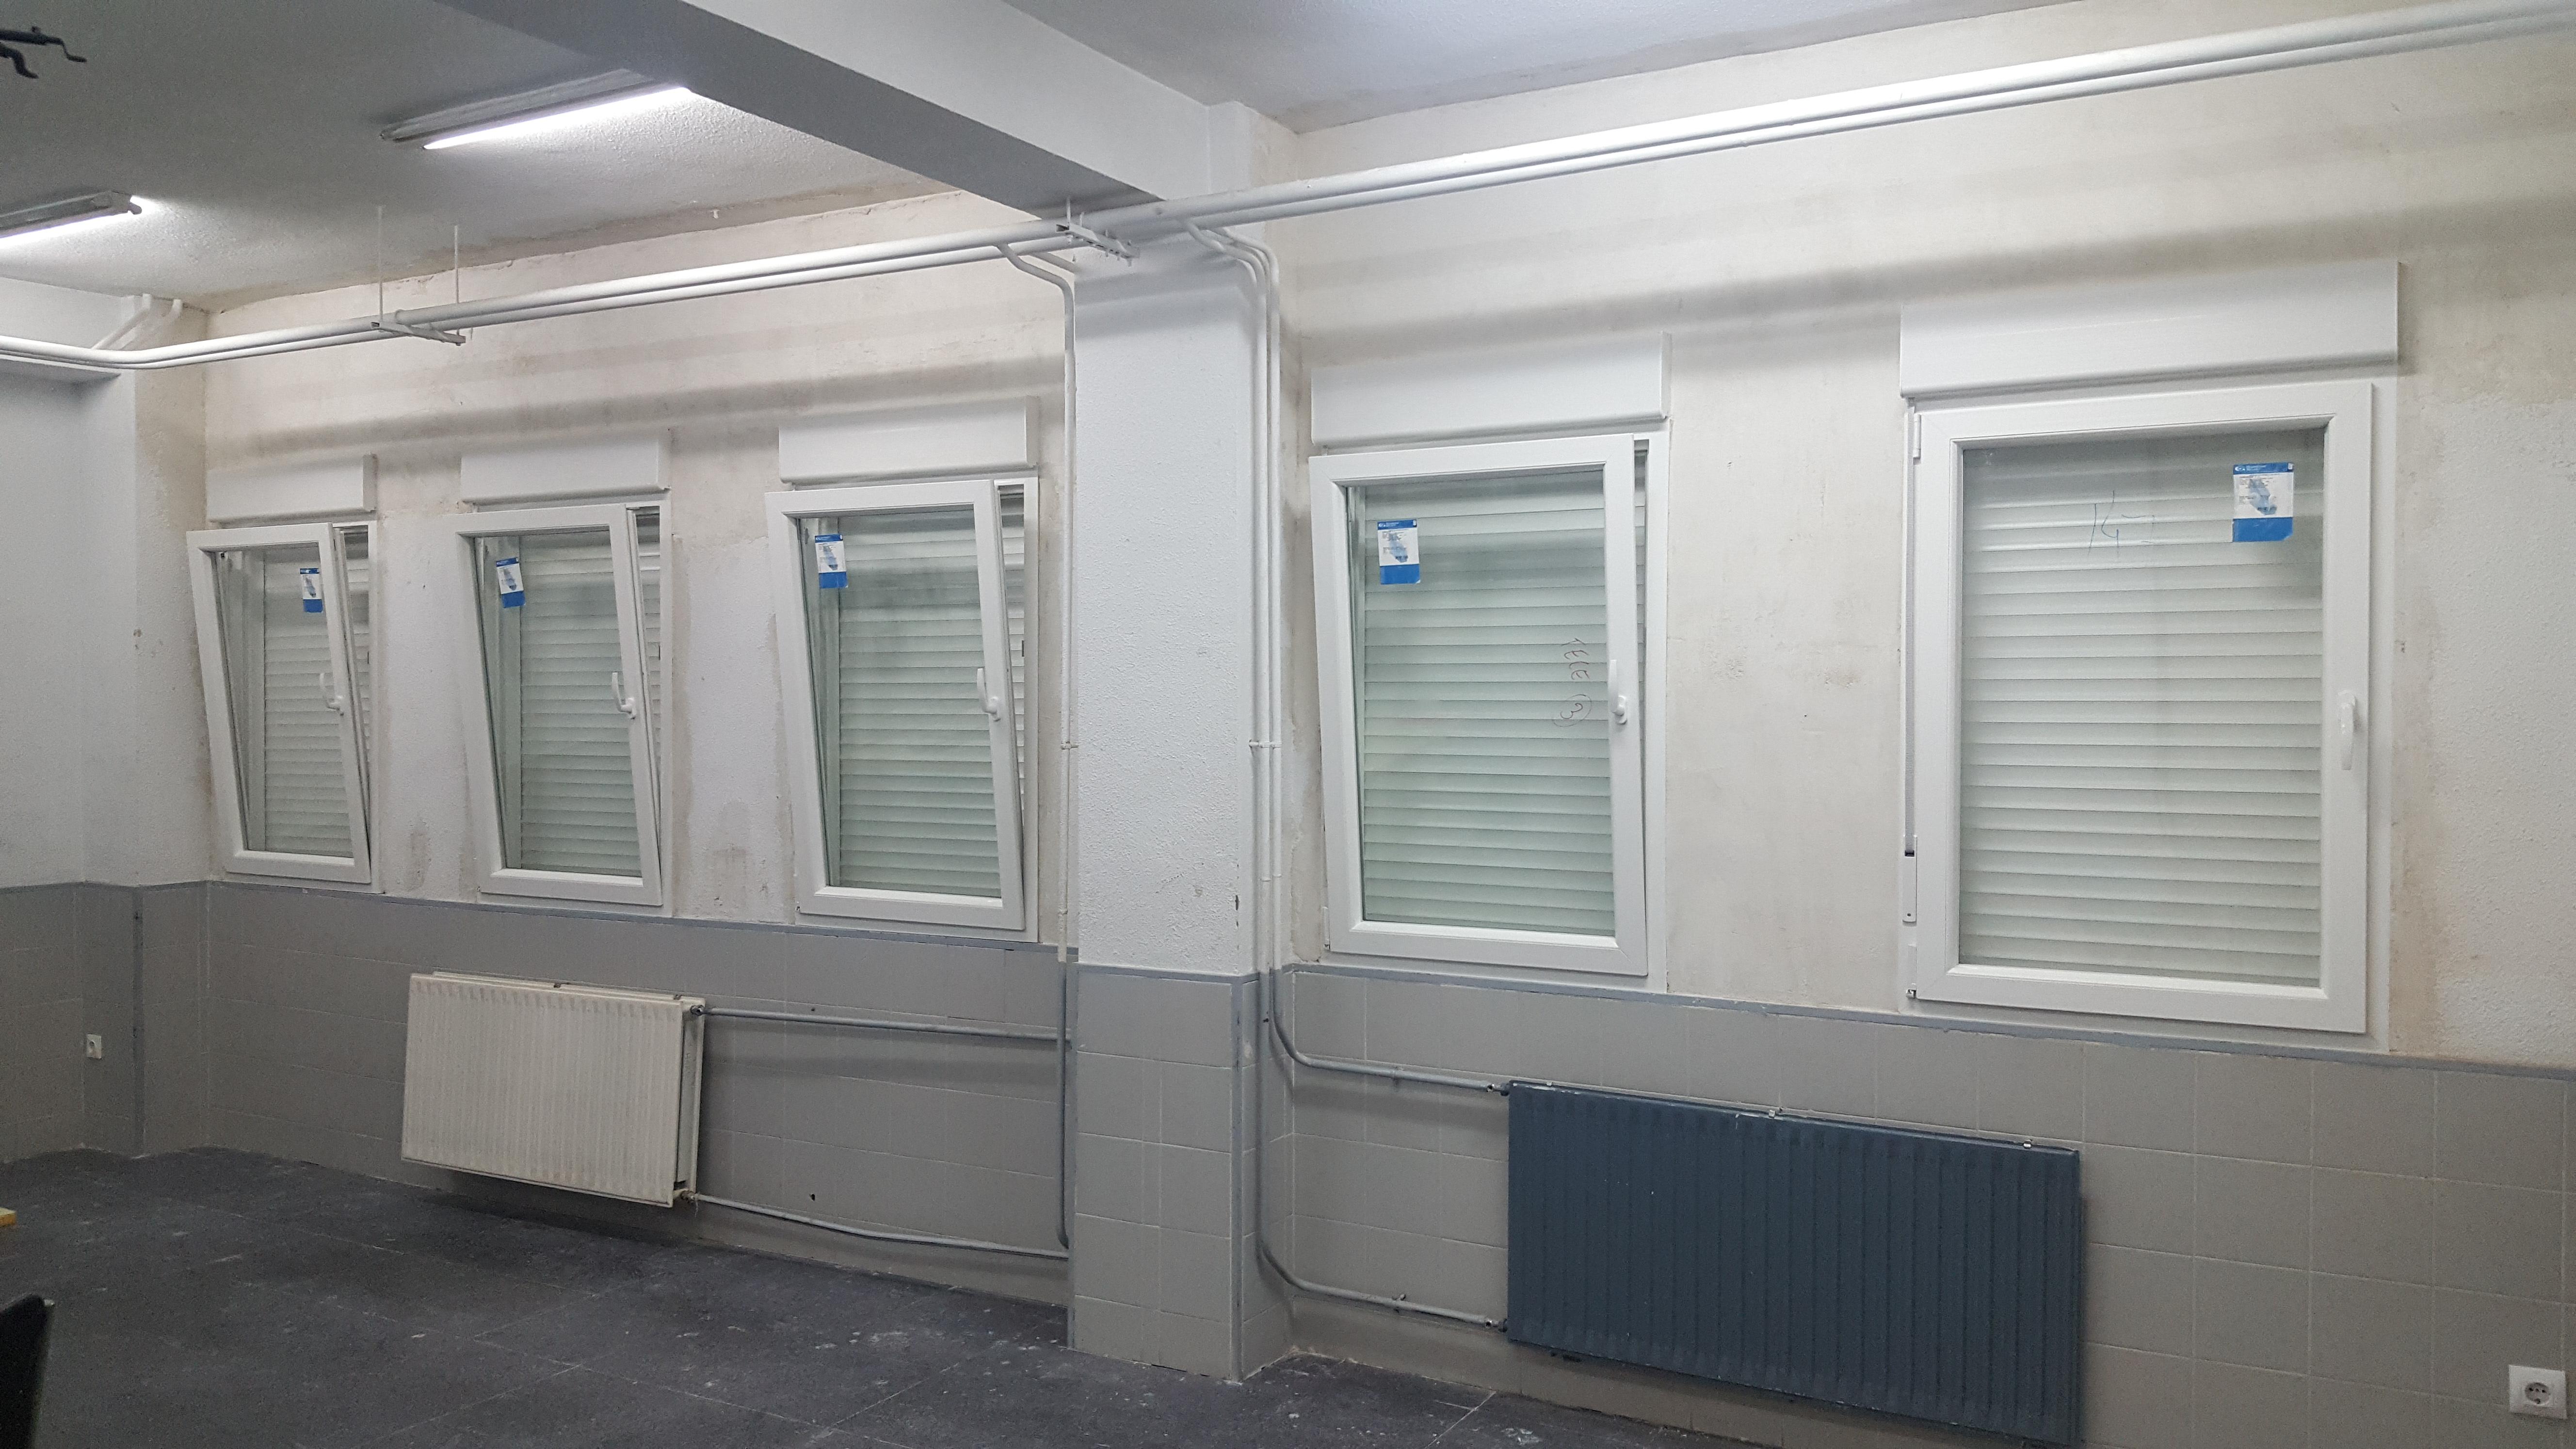 Ventanas de PVC - aula de emprendiemiento en Fuenlabrada